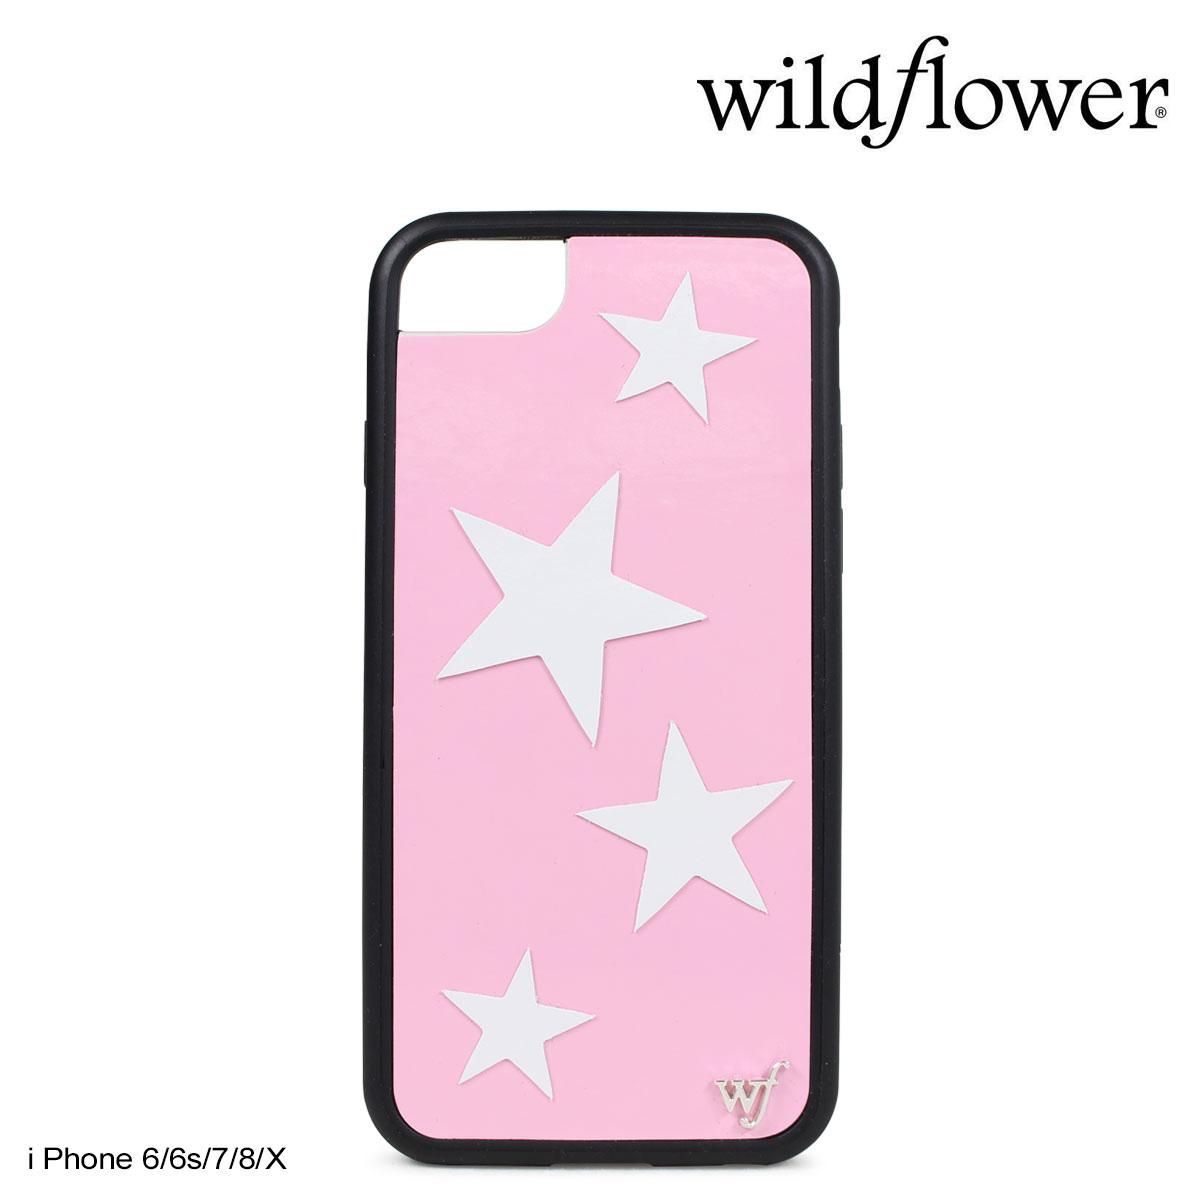 wildflower ワイルドフラワー iPhone 8 X 7 6 6s ケース スマホ 携帯 アイフォン レディース スター ピンク PVIN 【ネコポス可】